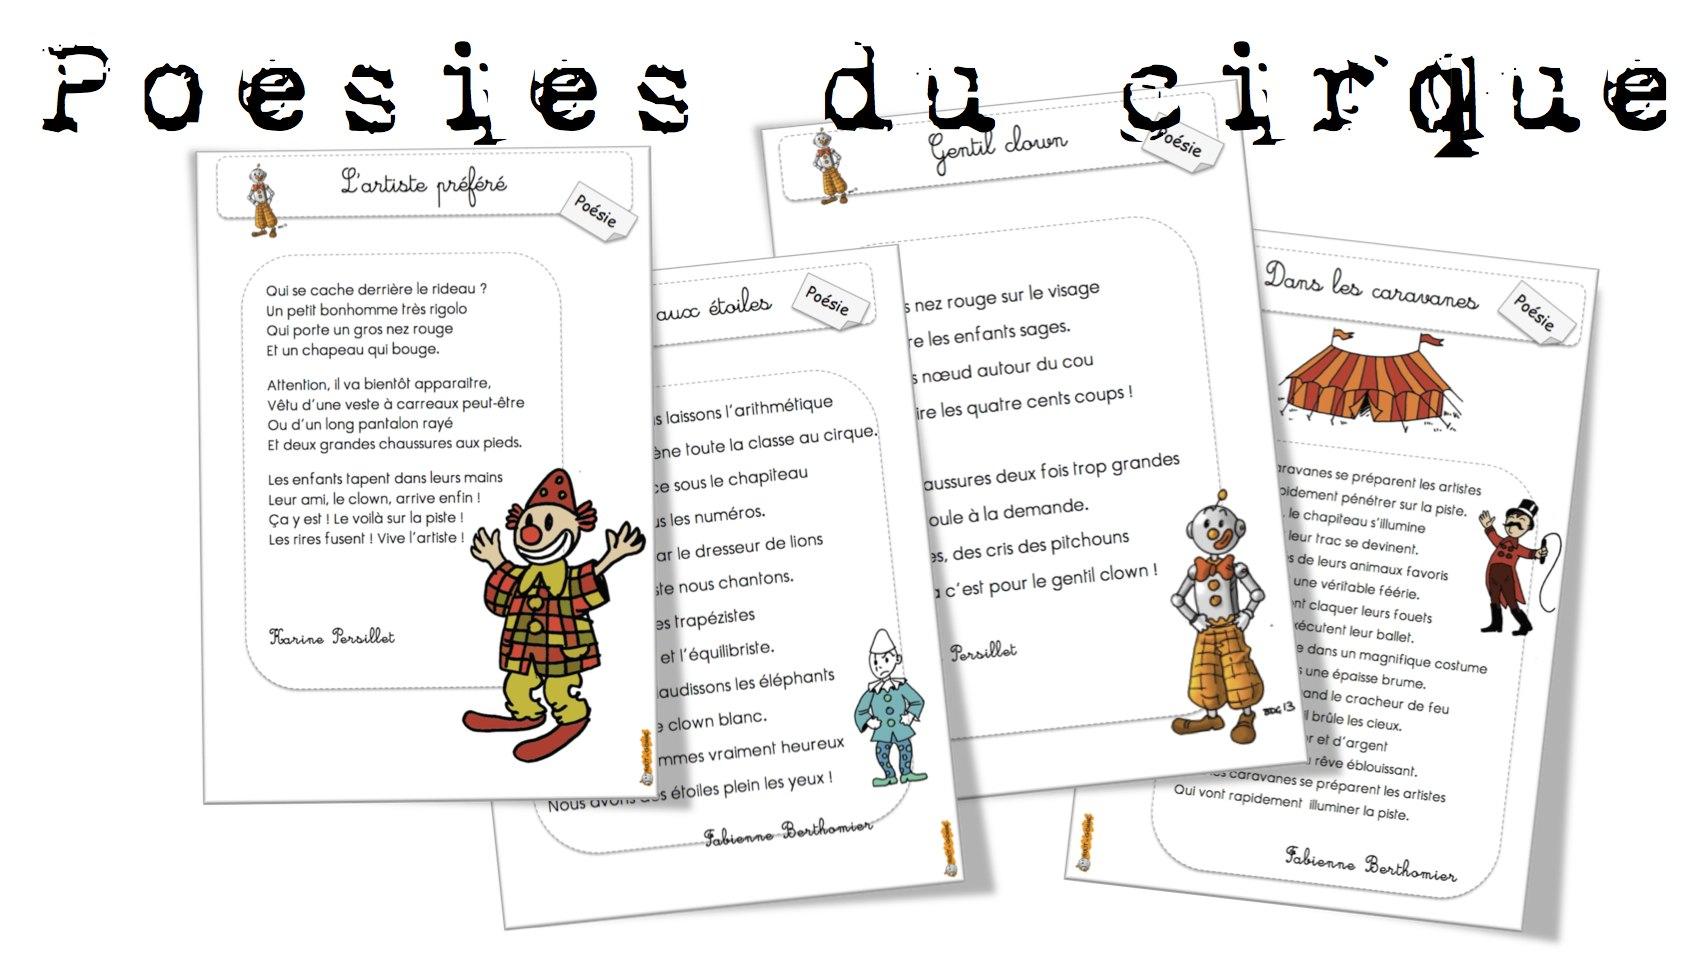 poesie cirque